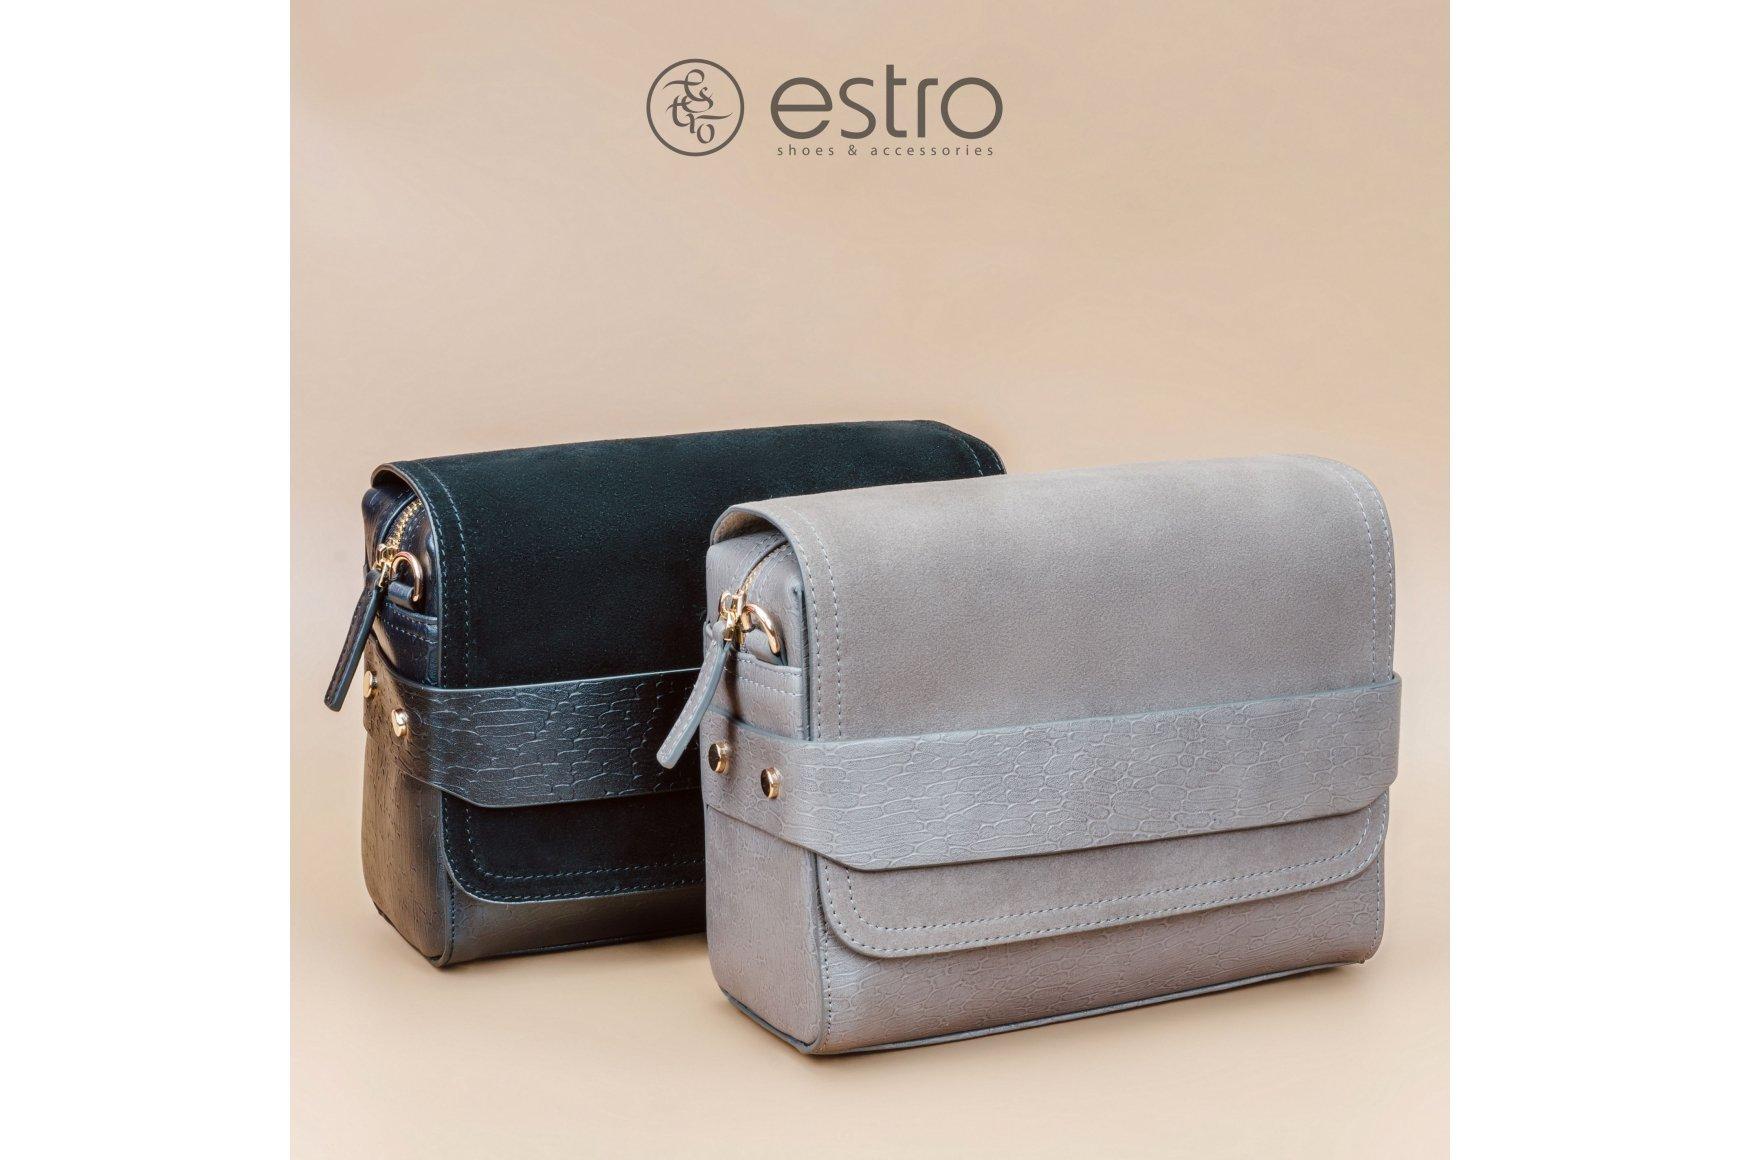 сумка estro : Estro